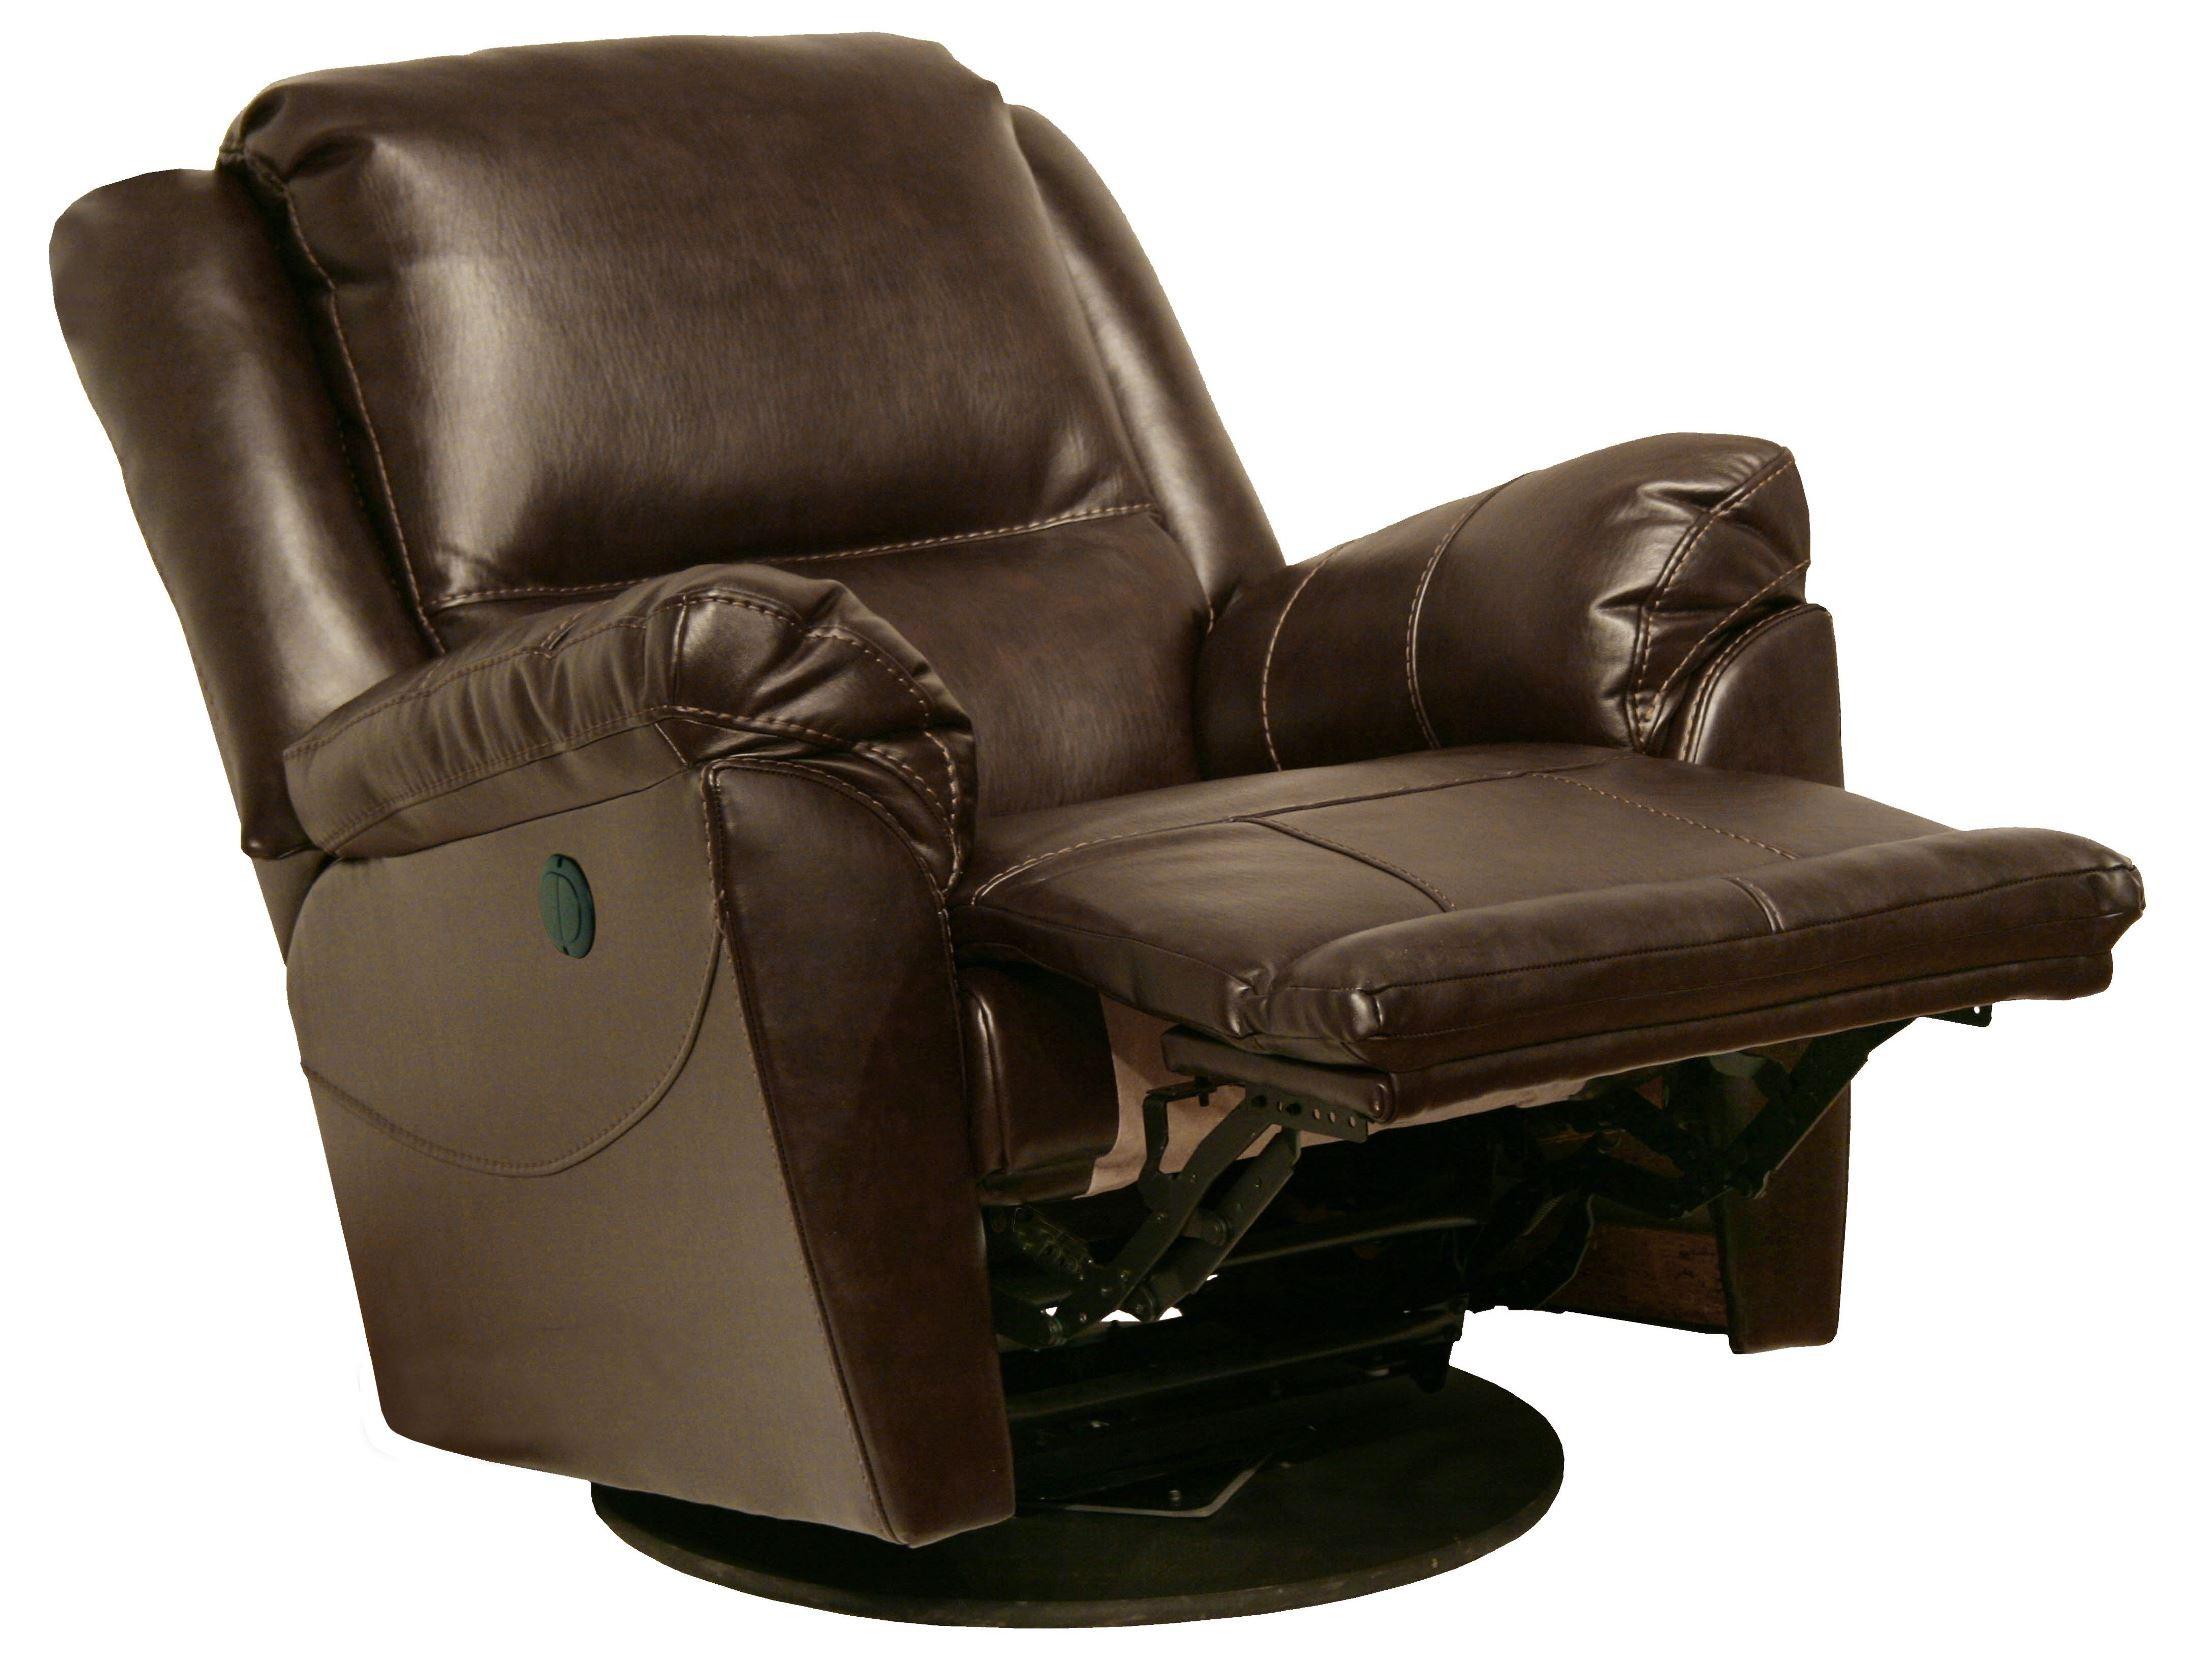 Maverick java swivel glider recliner from catnapper for Catnapper maverick chaise swivel glider recliner